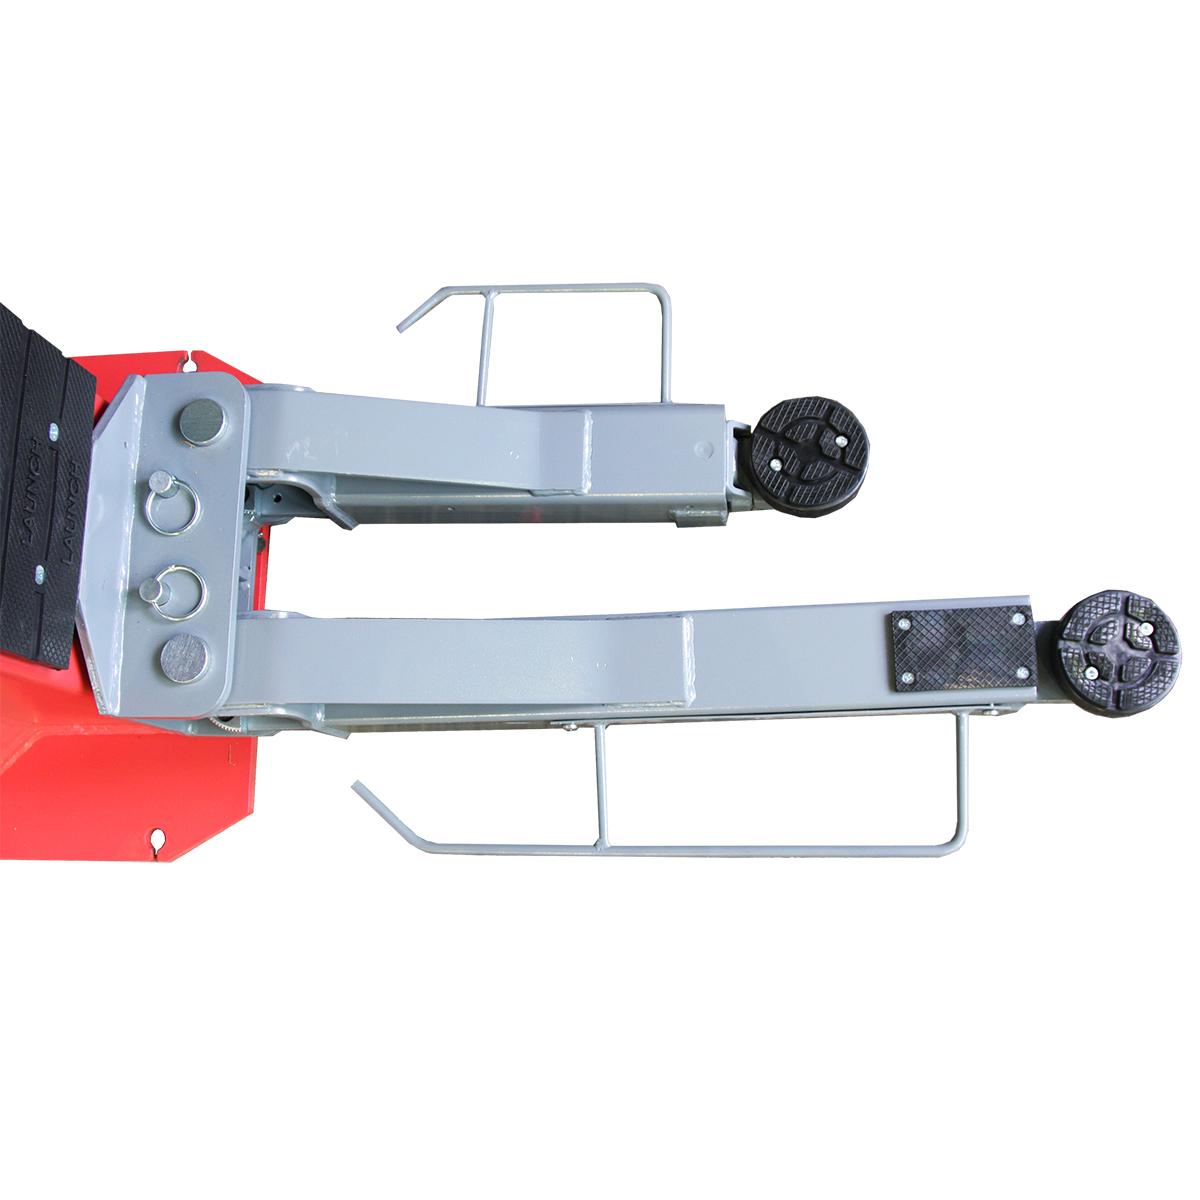 Лапы подъемника с защитными рамками LAUNCH TLT-240SC